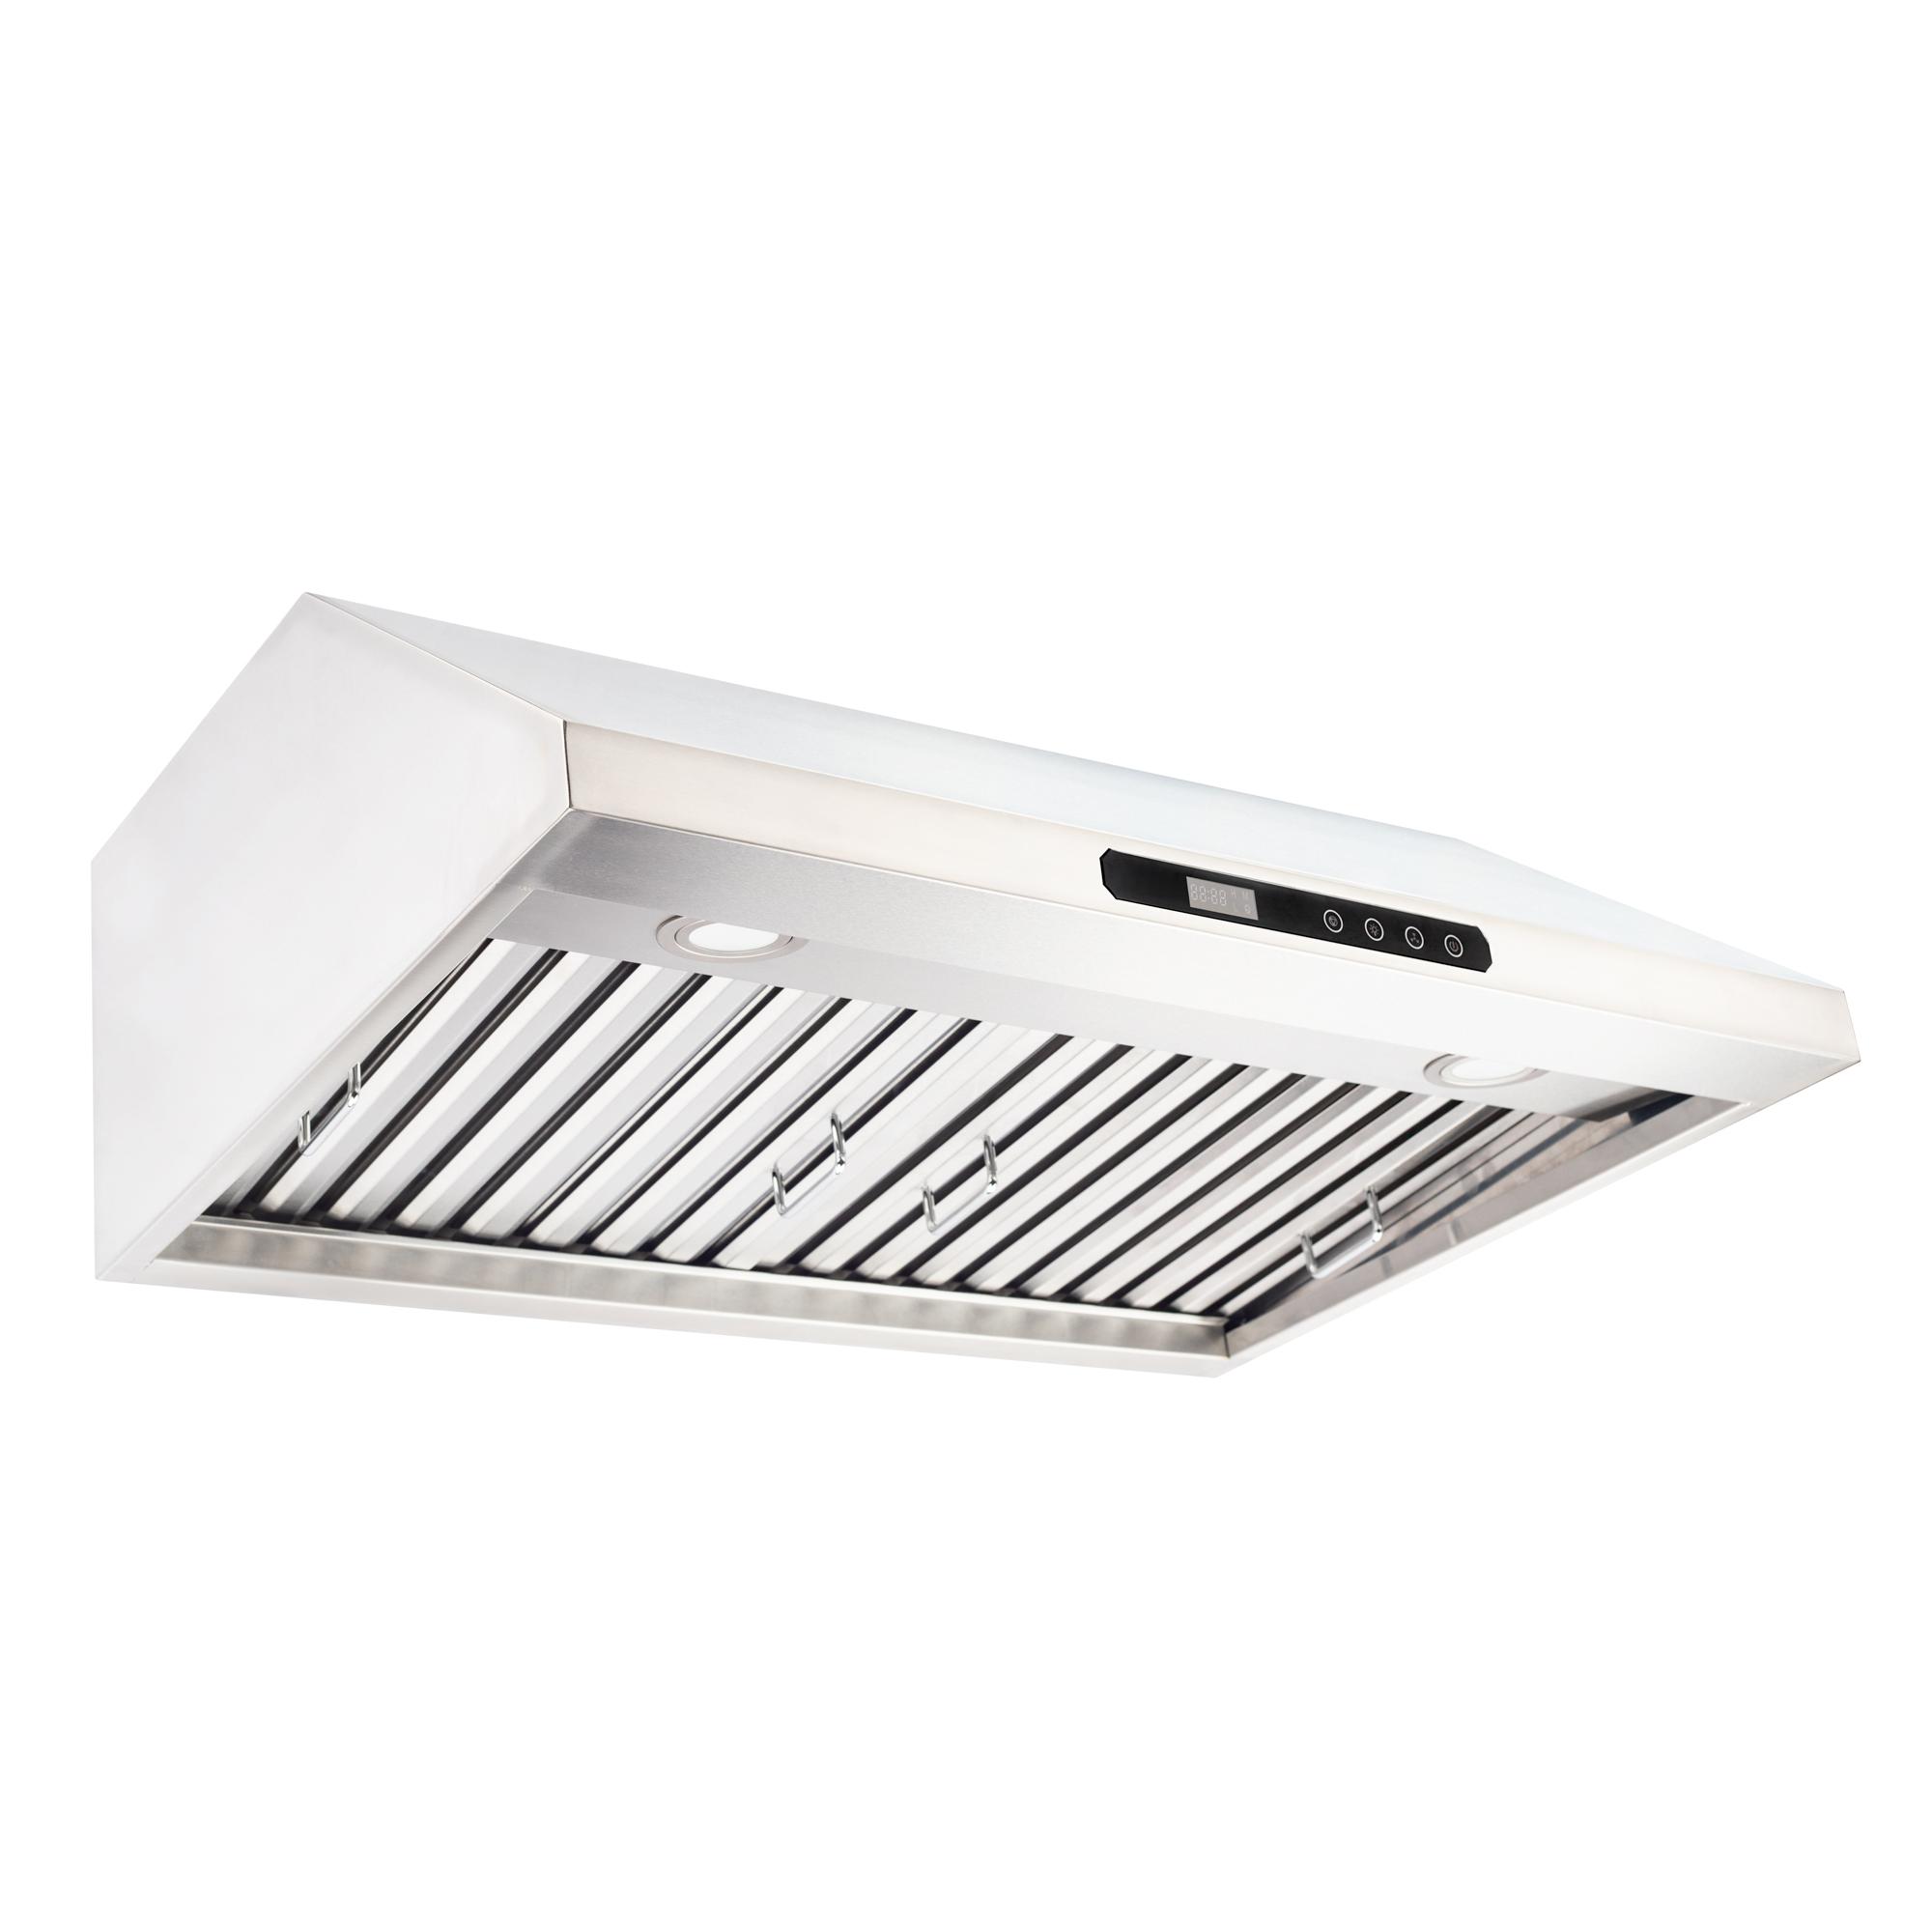 zline-stainless-steel-under-cabinet-range-hood-629-side-under.jpg